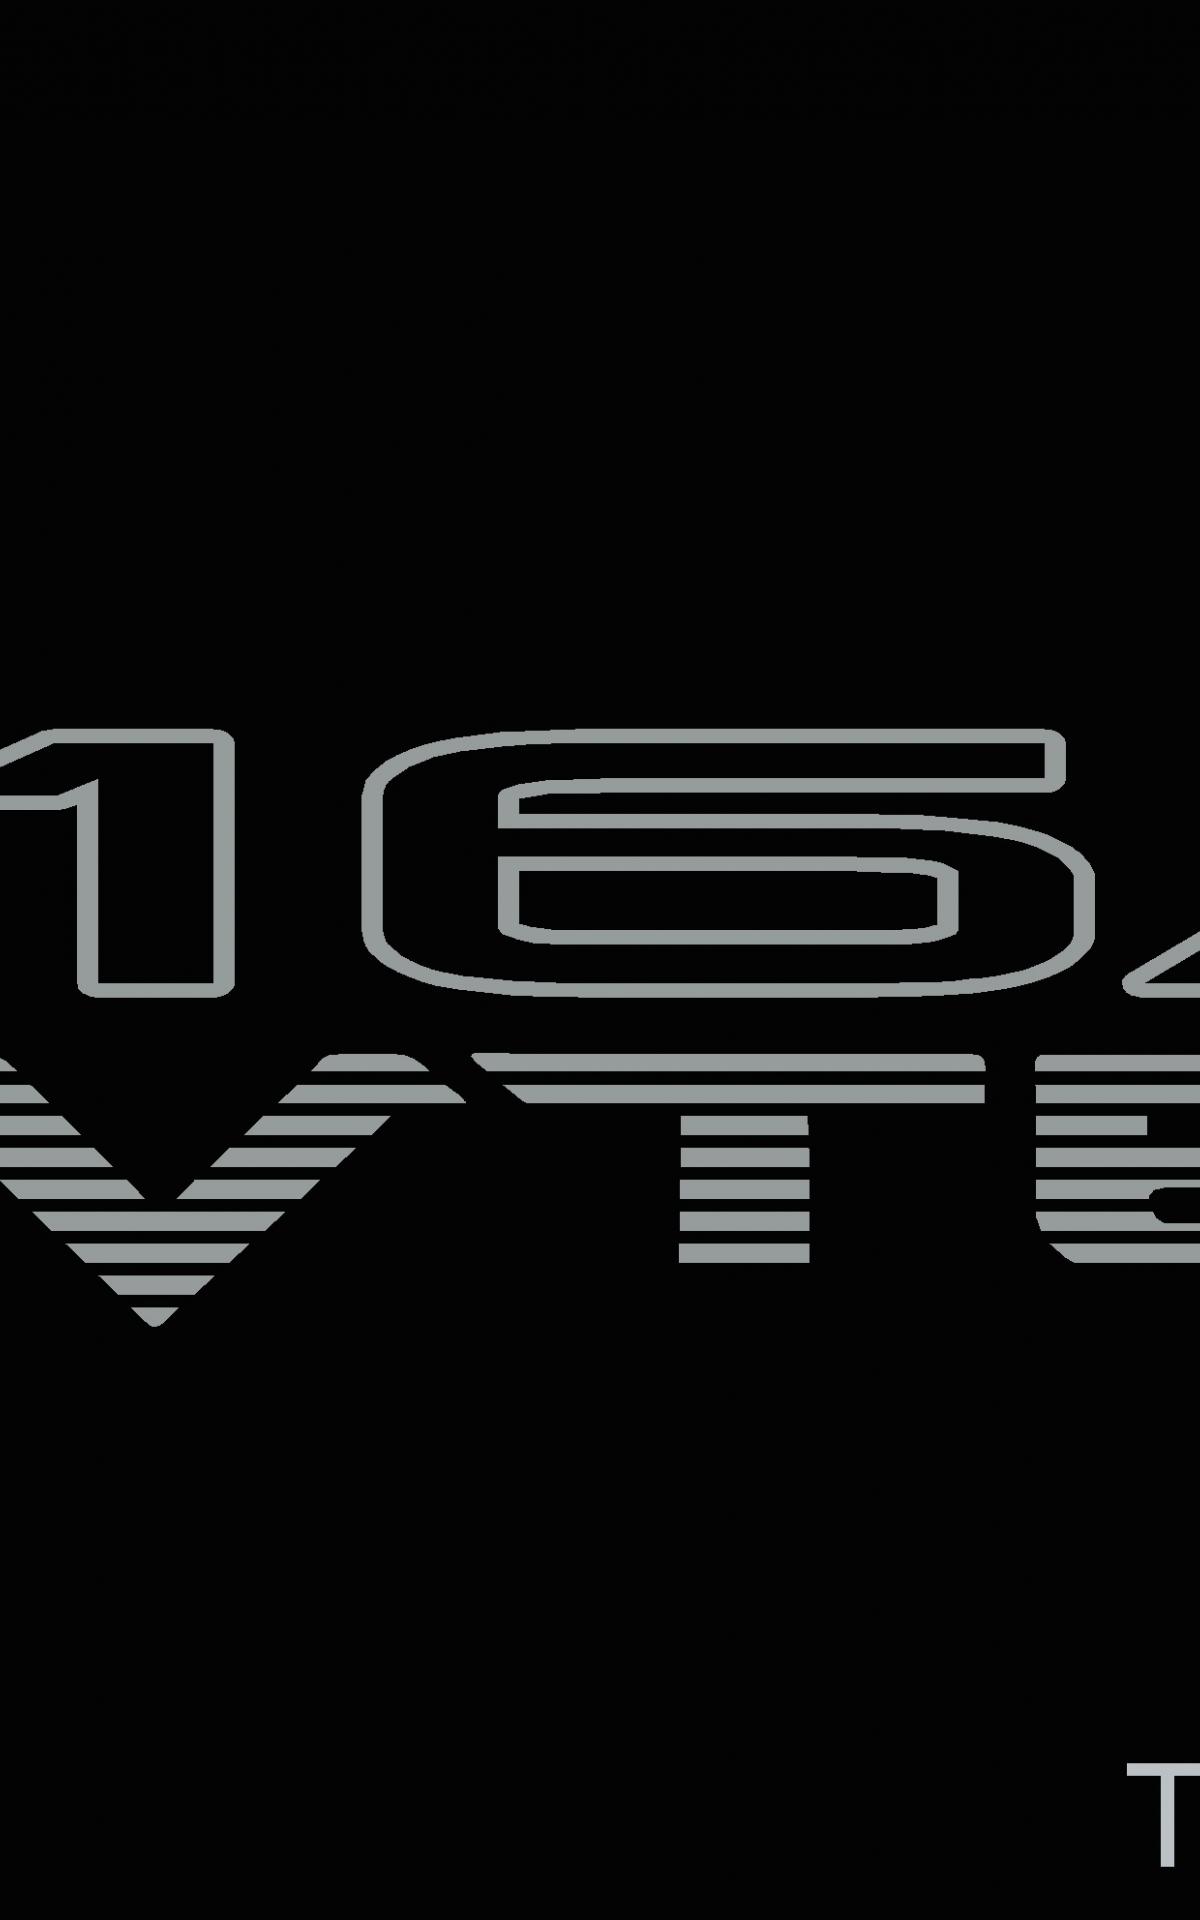 download 2x B16A VTEC honda stickers Decals For DOHC Honda 1200x1920